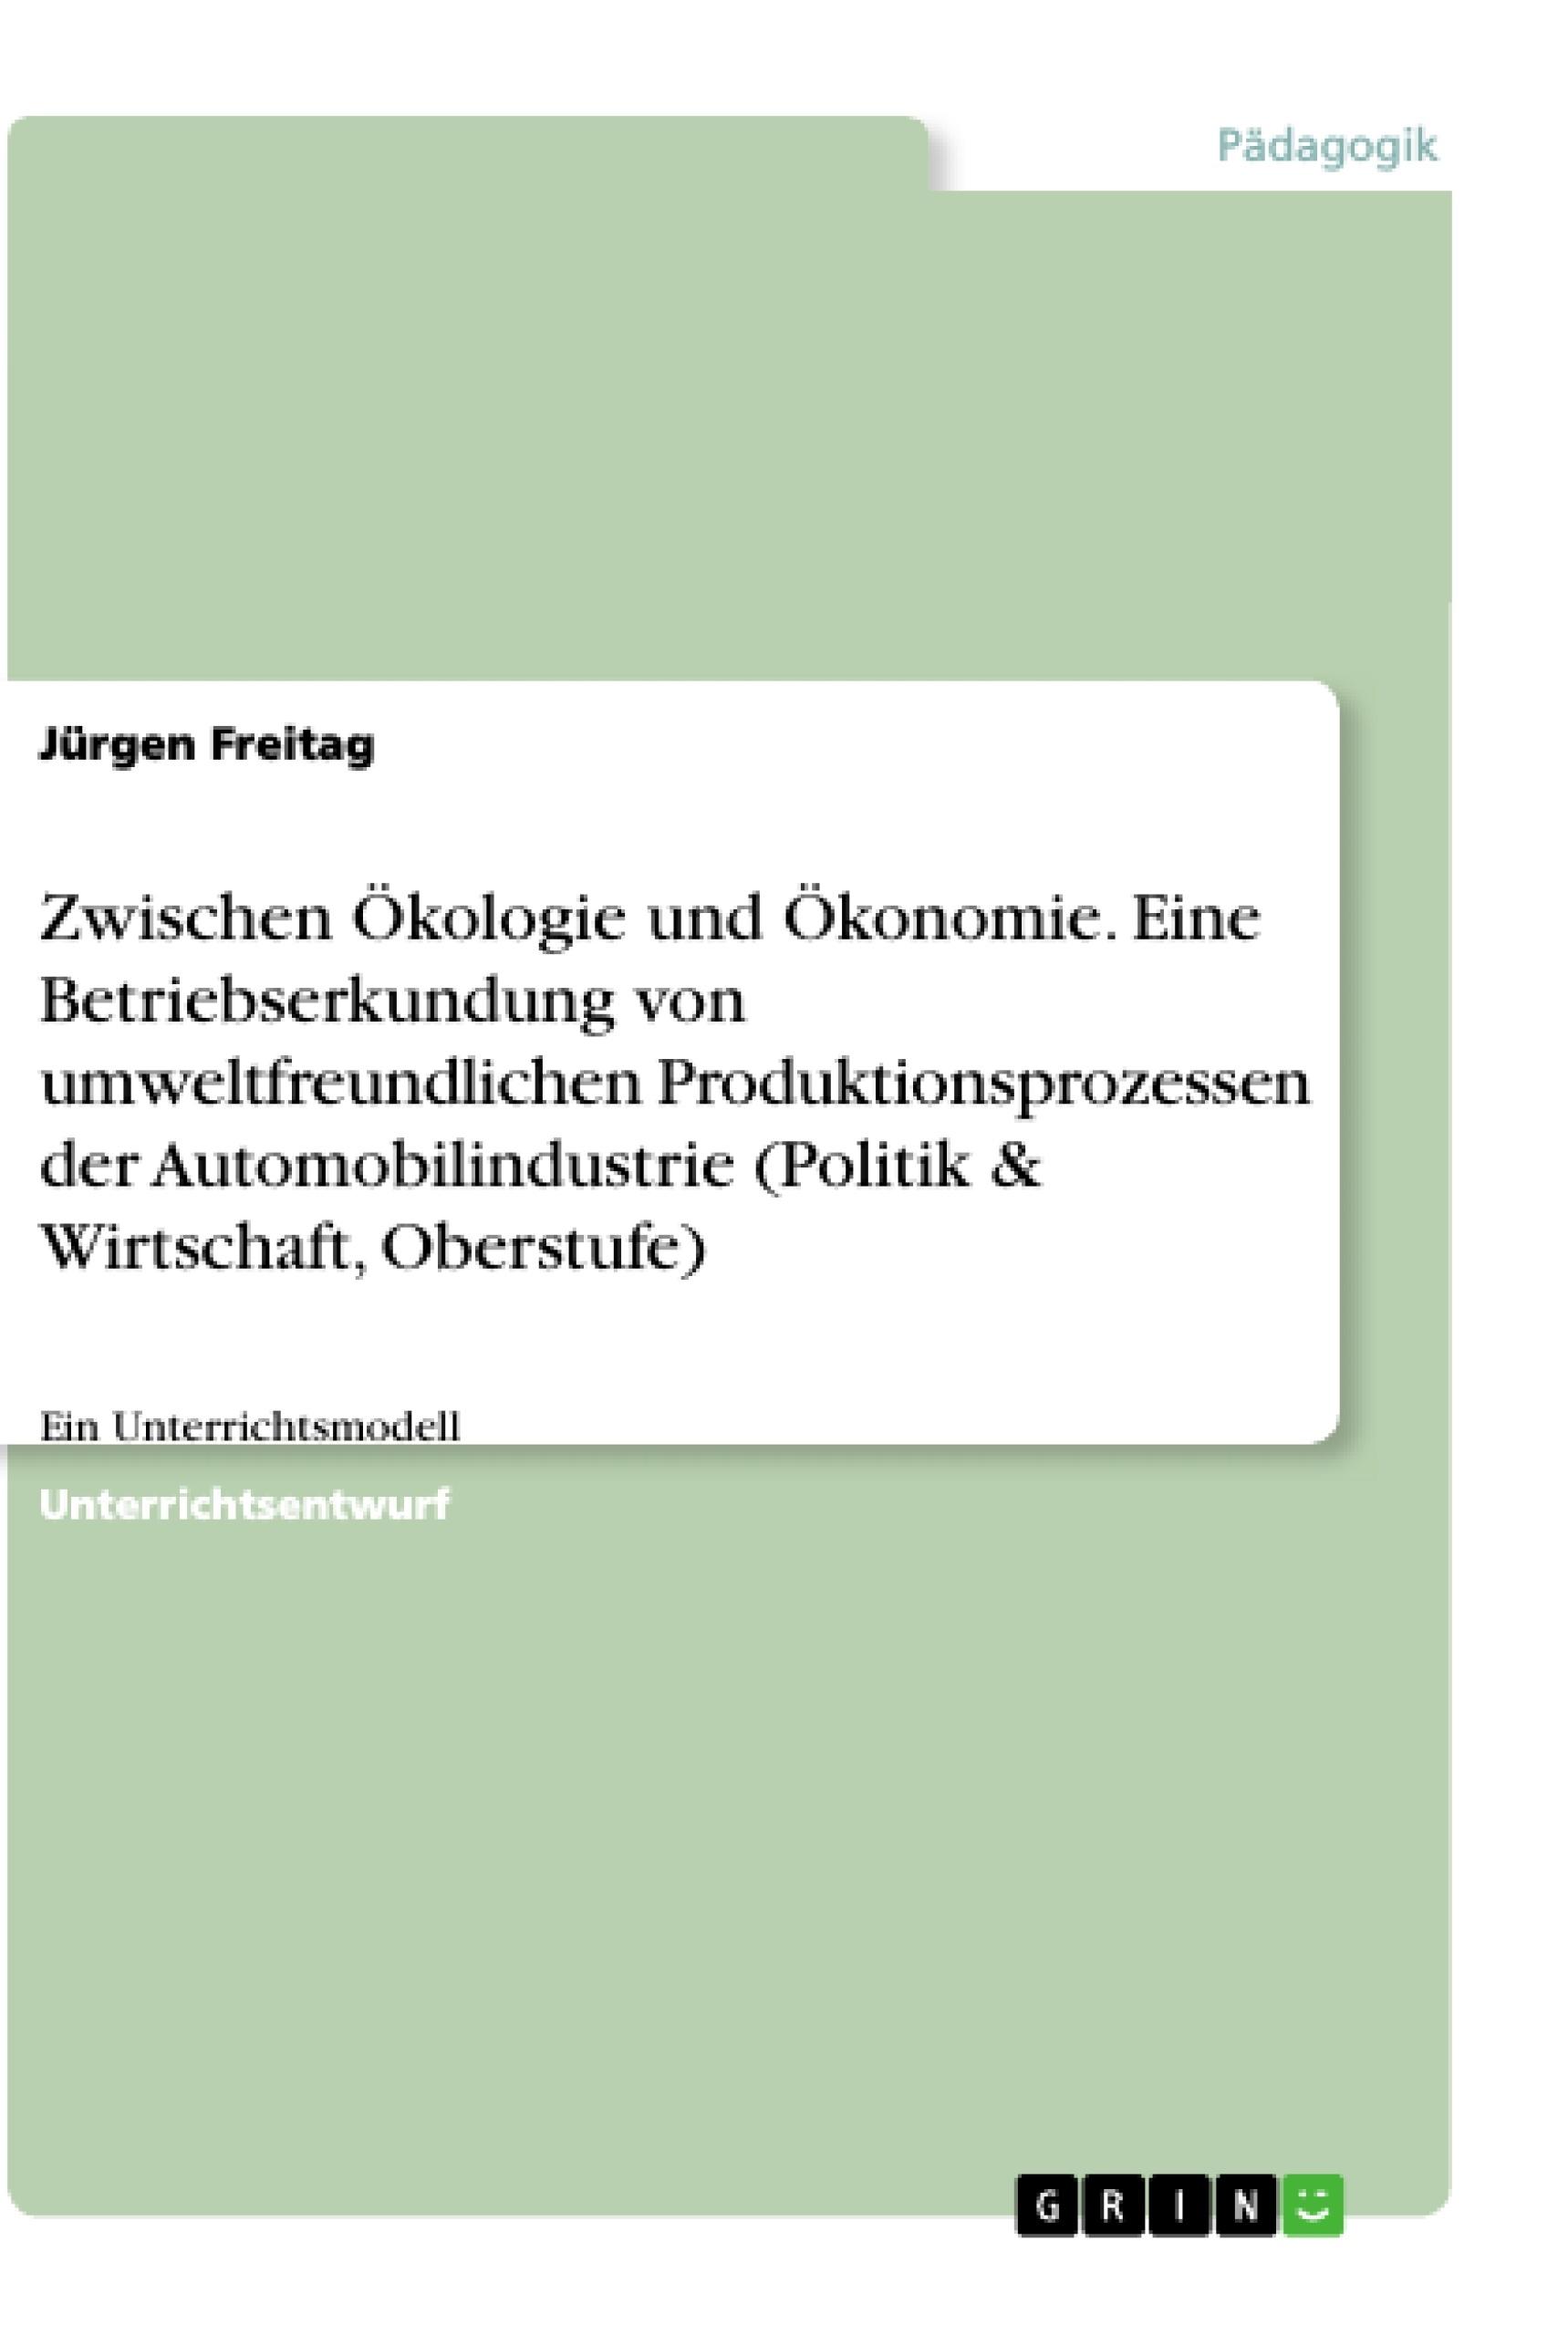 Titel: Zwischen Ökologie und Ökonomie. Eine Betriebserkundung von umweltfreundlichen Produktionsprozessen der Automobilindustrie (Politik & Wirtschaft, Oberstufe)